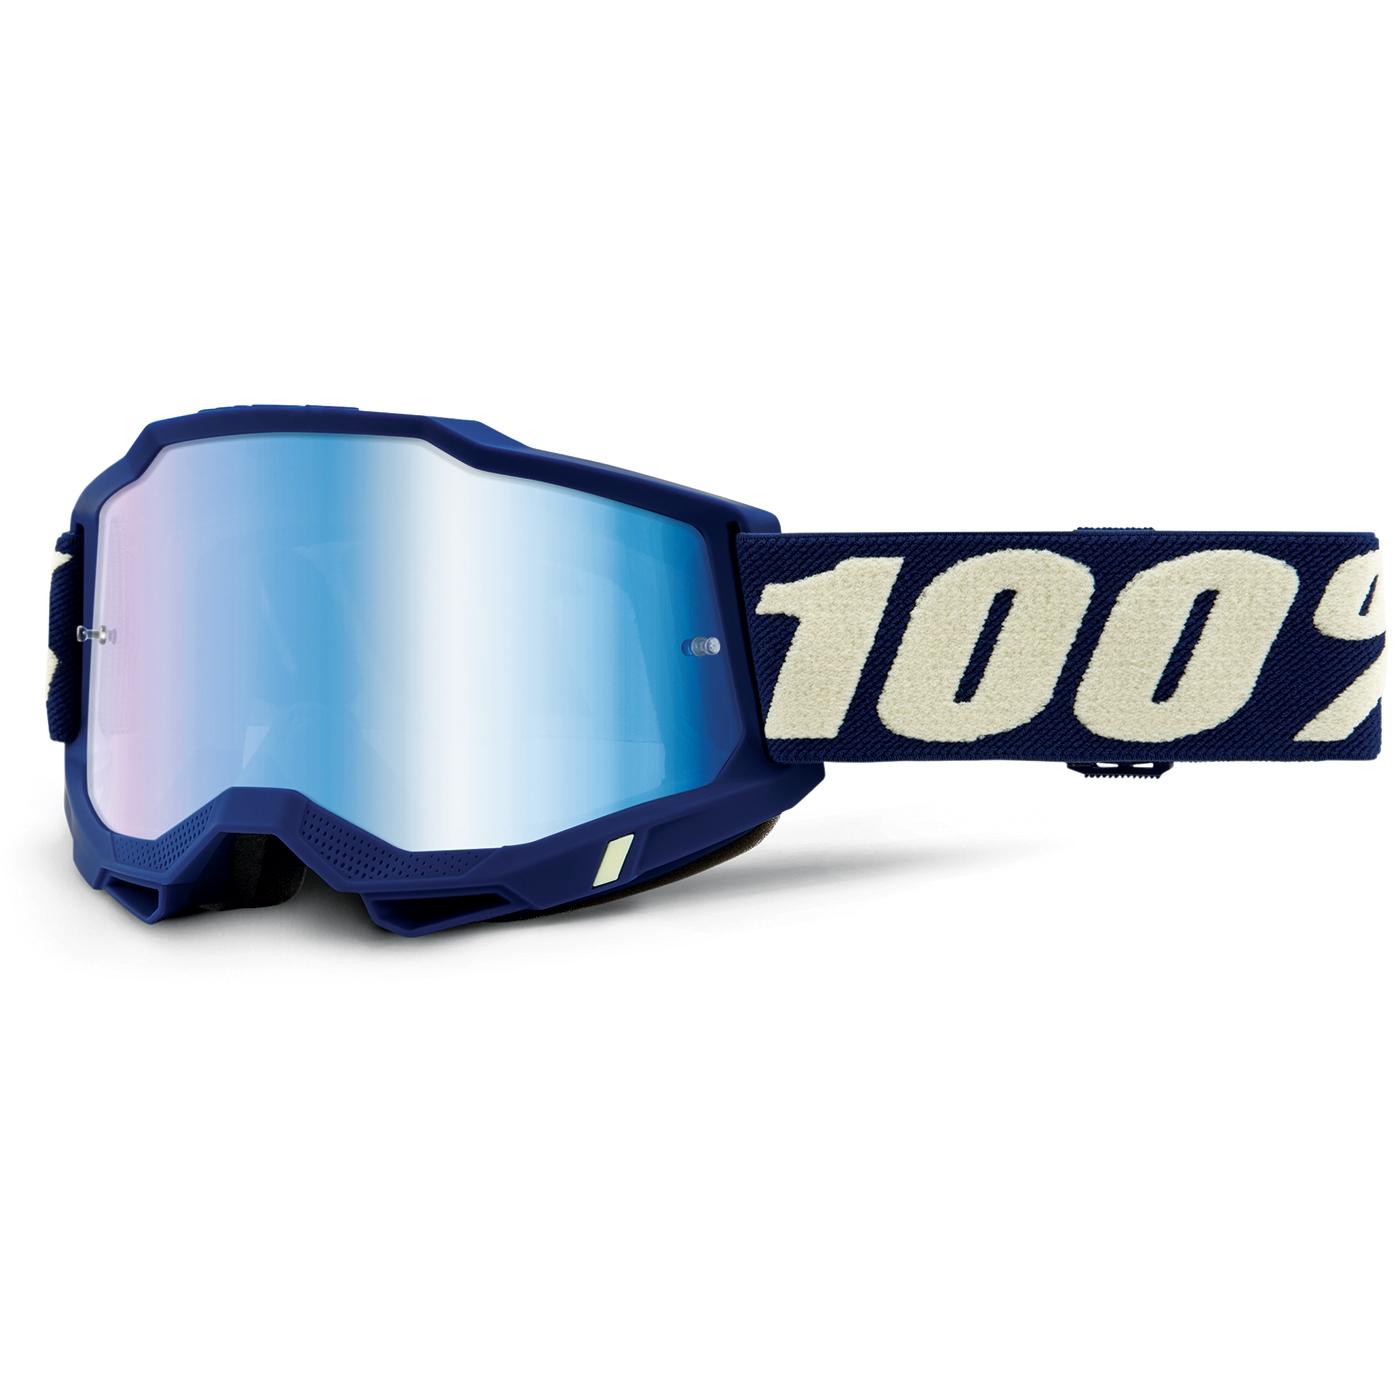 100% Accuri 2 Goggle Mirror Lens Gafas - Deepmarine